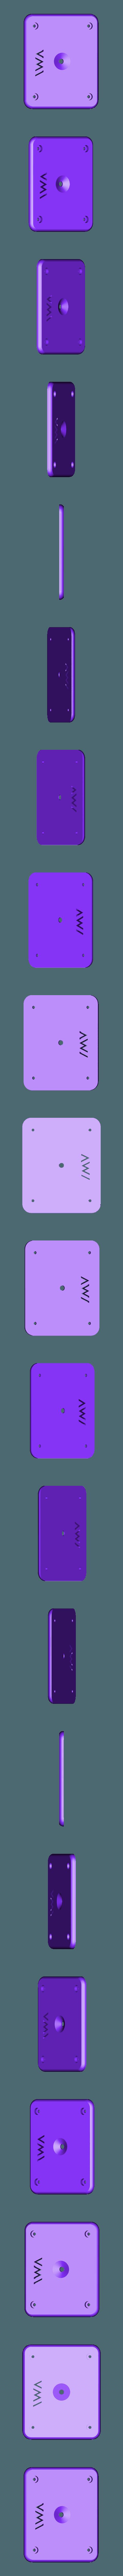 raspi_cover_vmi.stl Télécharger fichier STL gratuit Étui Raspberry Pi avec caméra et émetteur • Plan à imprimer en 3D, vmi